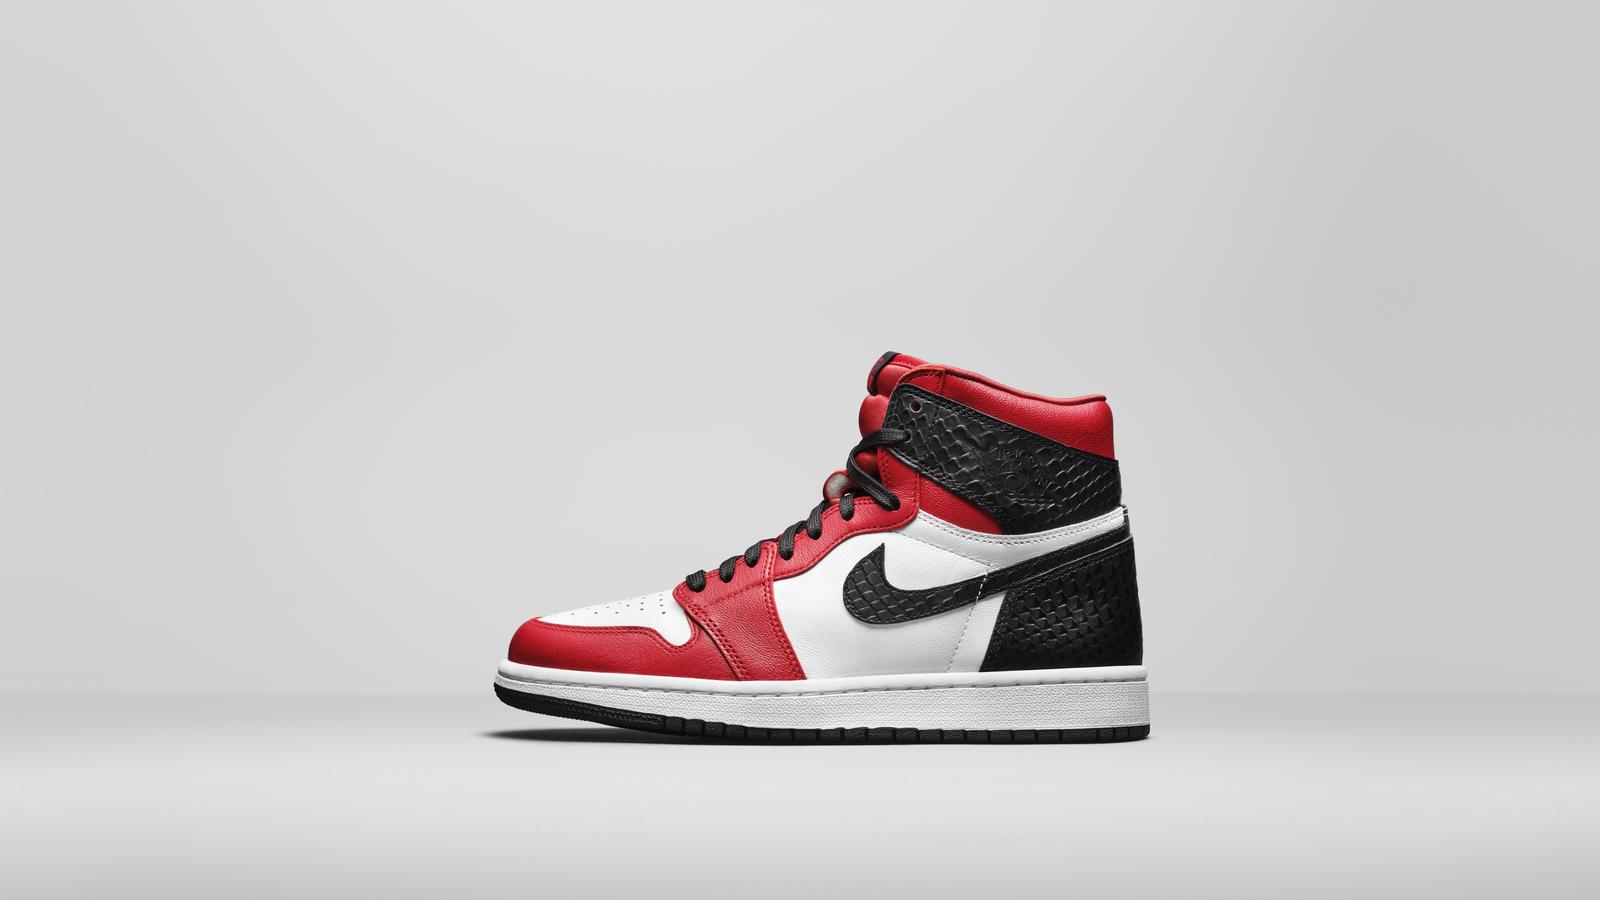 Jordan Brand Fall 2020 Releases 1